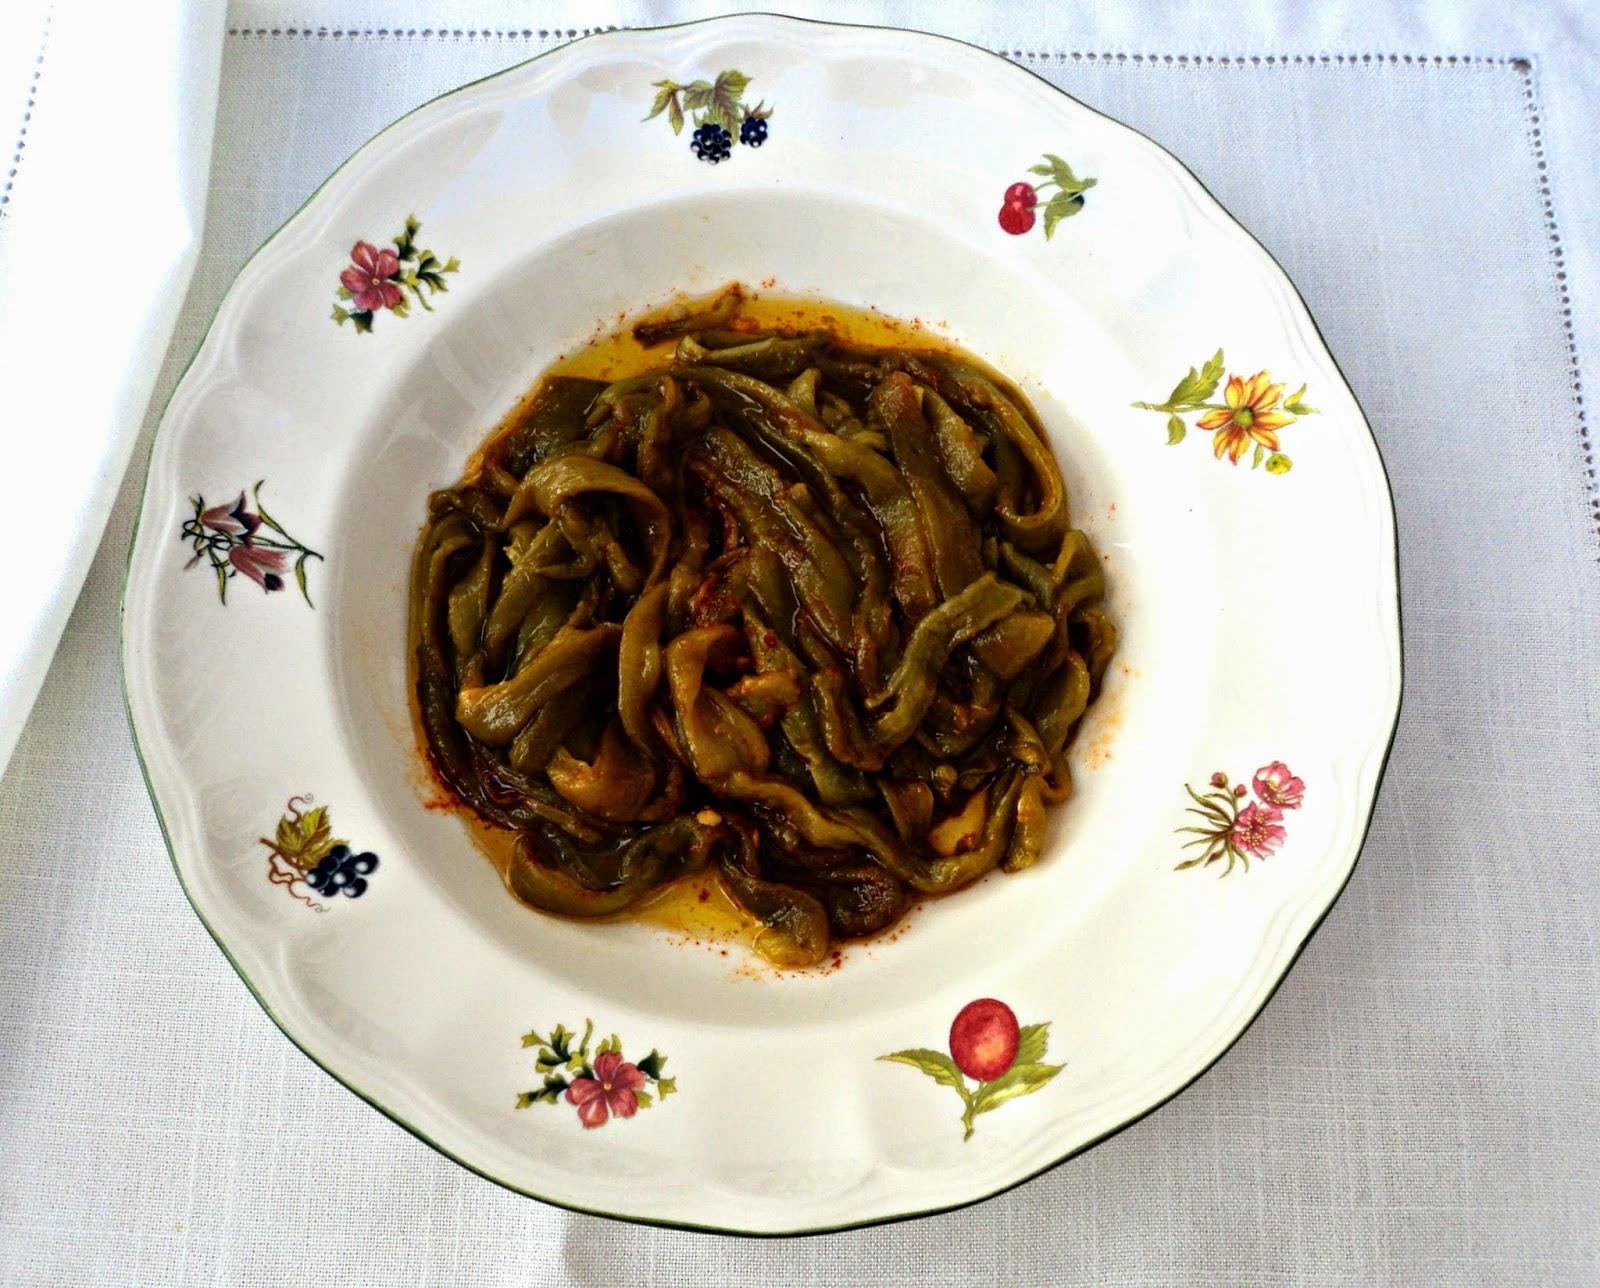 ensalada pimientos asados olor a hierbabuena